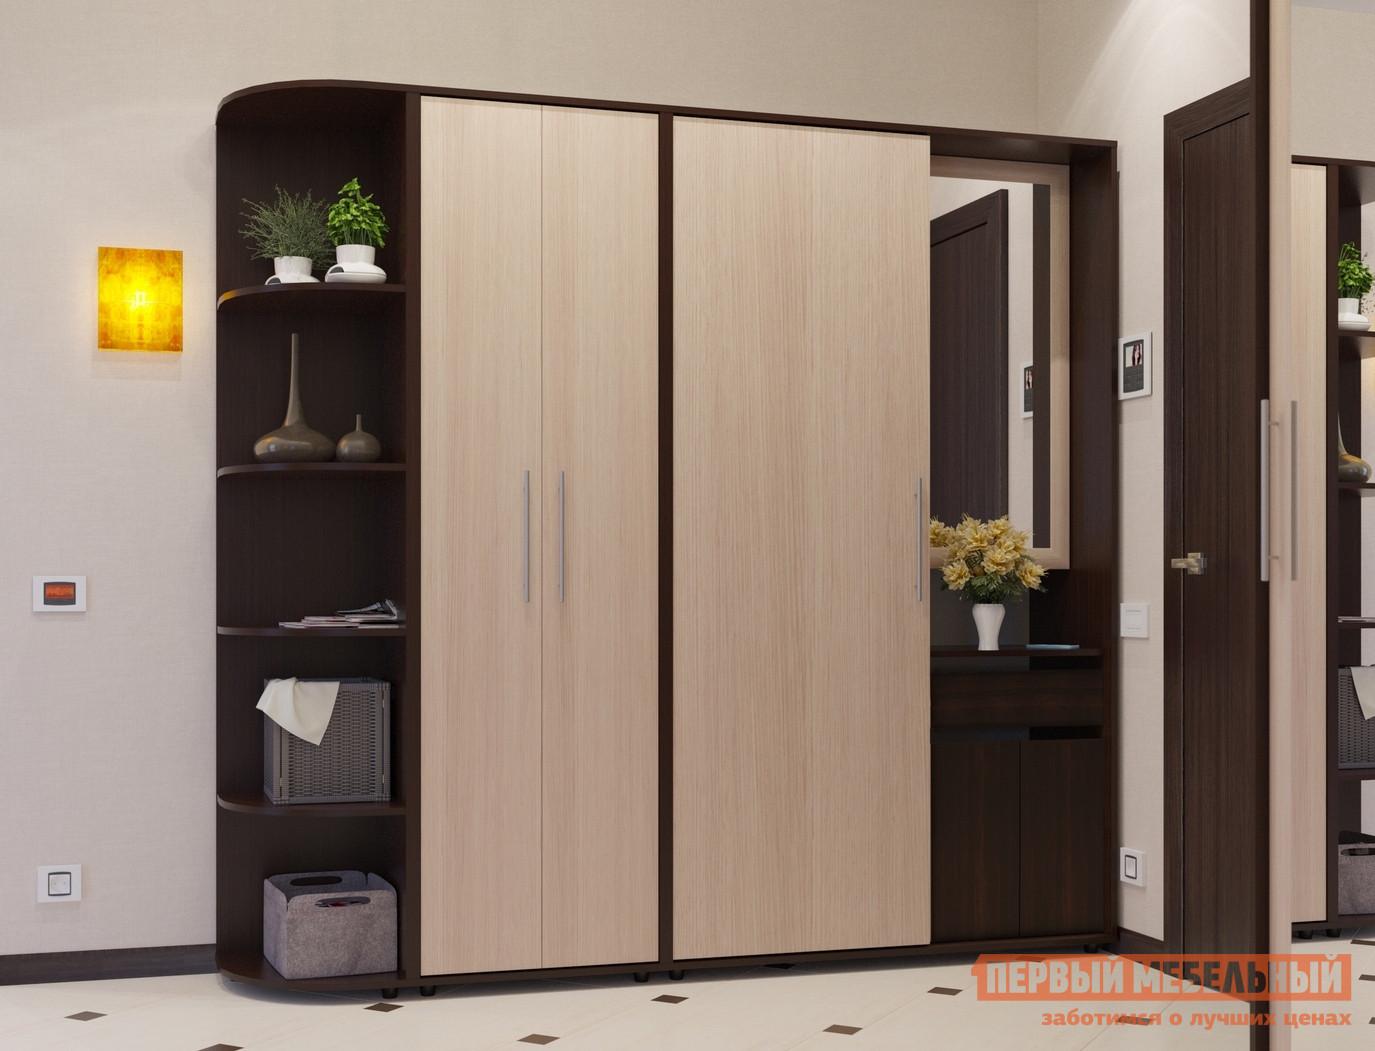 Прихожая Сокол ВШ-4 + ШО-1 + ШС-1 Корпус Венге / Фасад Беленый дубПрихожие в коридор<br>Габаритные размеры ВхШхГ 2087x2154x429 мм. Вместительная модульная прихожая, состоящая из углового стеллажа и двух шкафов: с дверью-купе и распашными дверями.   Двустворчатый шкаф и стеллаж может быть расположен как с левой, так и с правой стороны.  Дверь купе спрячет верхнюю одежду, придав вашему интерьеру аккуратный и законченный вид.  Отказ от использования ручек на дверках и ящиках позволил максимально увеличить полезное пространство.  За открывающимся зеркалом Вы  найдете несколько полочек для всего, что нужно взять с собой выходя из дома. Размеры модулей:шкаф-купе (ВхШхГ): 2087 х 1140 х 425 мм;распашной шкаф (ВхШхГ): 2087 х 600 х 429 мм;угловой стеллаж (ВхШхГ): 2087 х 414 х 425 мм. Изделие поставляется в разобранном виде.  Хорошо упаковано в гофротару вместе с необходимой фурнитурой для сборки и подробной инструкцией.   Изготовлена из высококачественной ДСП 16мм  Отделывается кромкой ПВХ 0. 4ммОбратите внимание! При заказе сборки, к стоимости услуги прибавляется 100 руб.  за соединений секций шкафа 2-мя стяжками.  Рекомендуем сохранить инструкцию по сборке (паспорт изделия) до истечения гарантийного срока.<br><br>Цвет: Темное-cветлое дерево<br>Высота мм: 2087<br>Ширина мм: 2154<br>Глубина мм: 429<br>Кол-во упаковок: 5<br>Форма поставки: В разобранном виде<br>Срок гарантии: 2 года<br>Тип: Прямые<br>Тип: Закрытые<br>Характеристика: Модульные<br>Материал: ЛДСП<br>Размер: Большие<br>Размер: Глубина до 45 см<br>Размер: Глубина до 50 см<br>Размер: Ширина 2 метра<br>С зеркалом: Да<br>С открытой вешалкой: Да<br>Со шкафом-купе: Да<br>На ножках: Да<br>Со шкафом: Да<br>С распашным шкафом: Да<br>Стиль: Современный